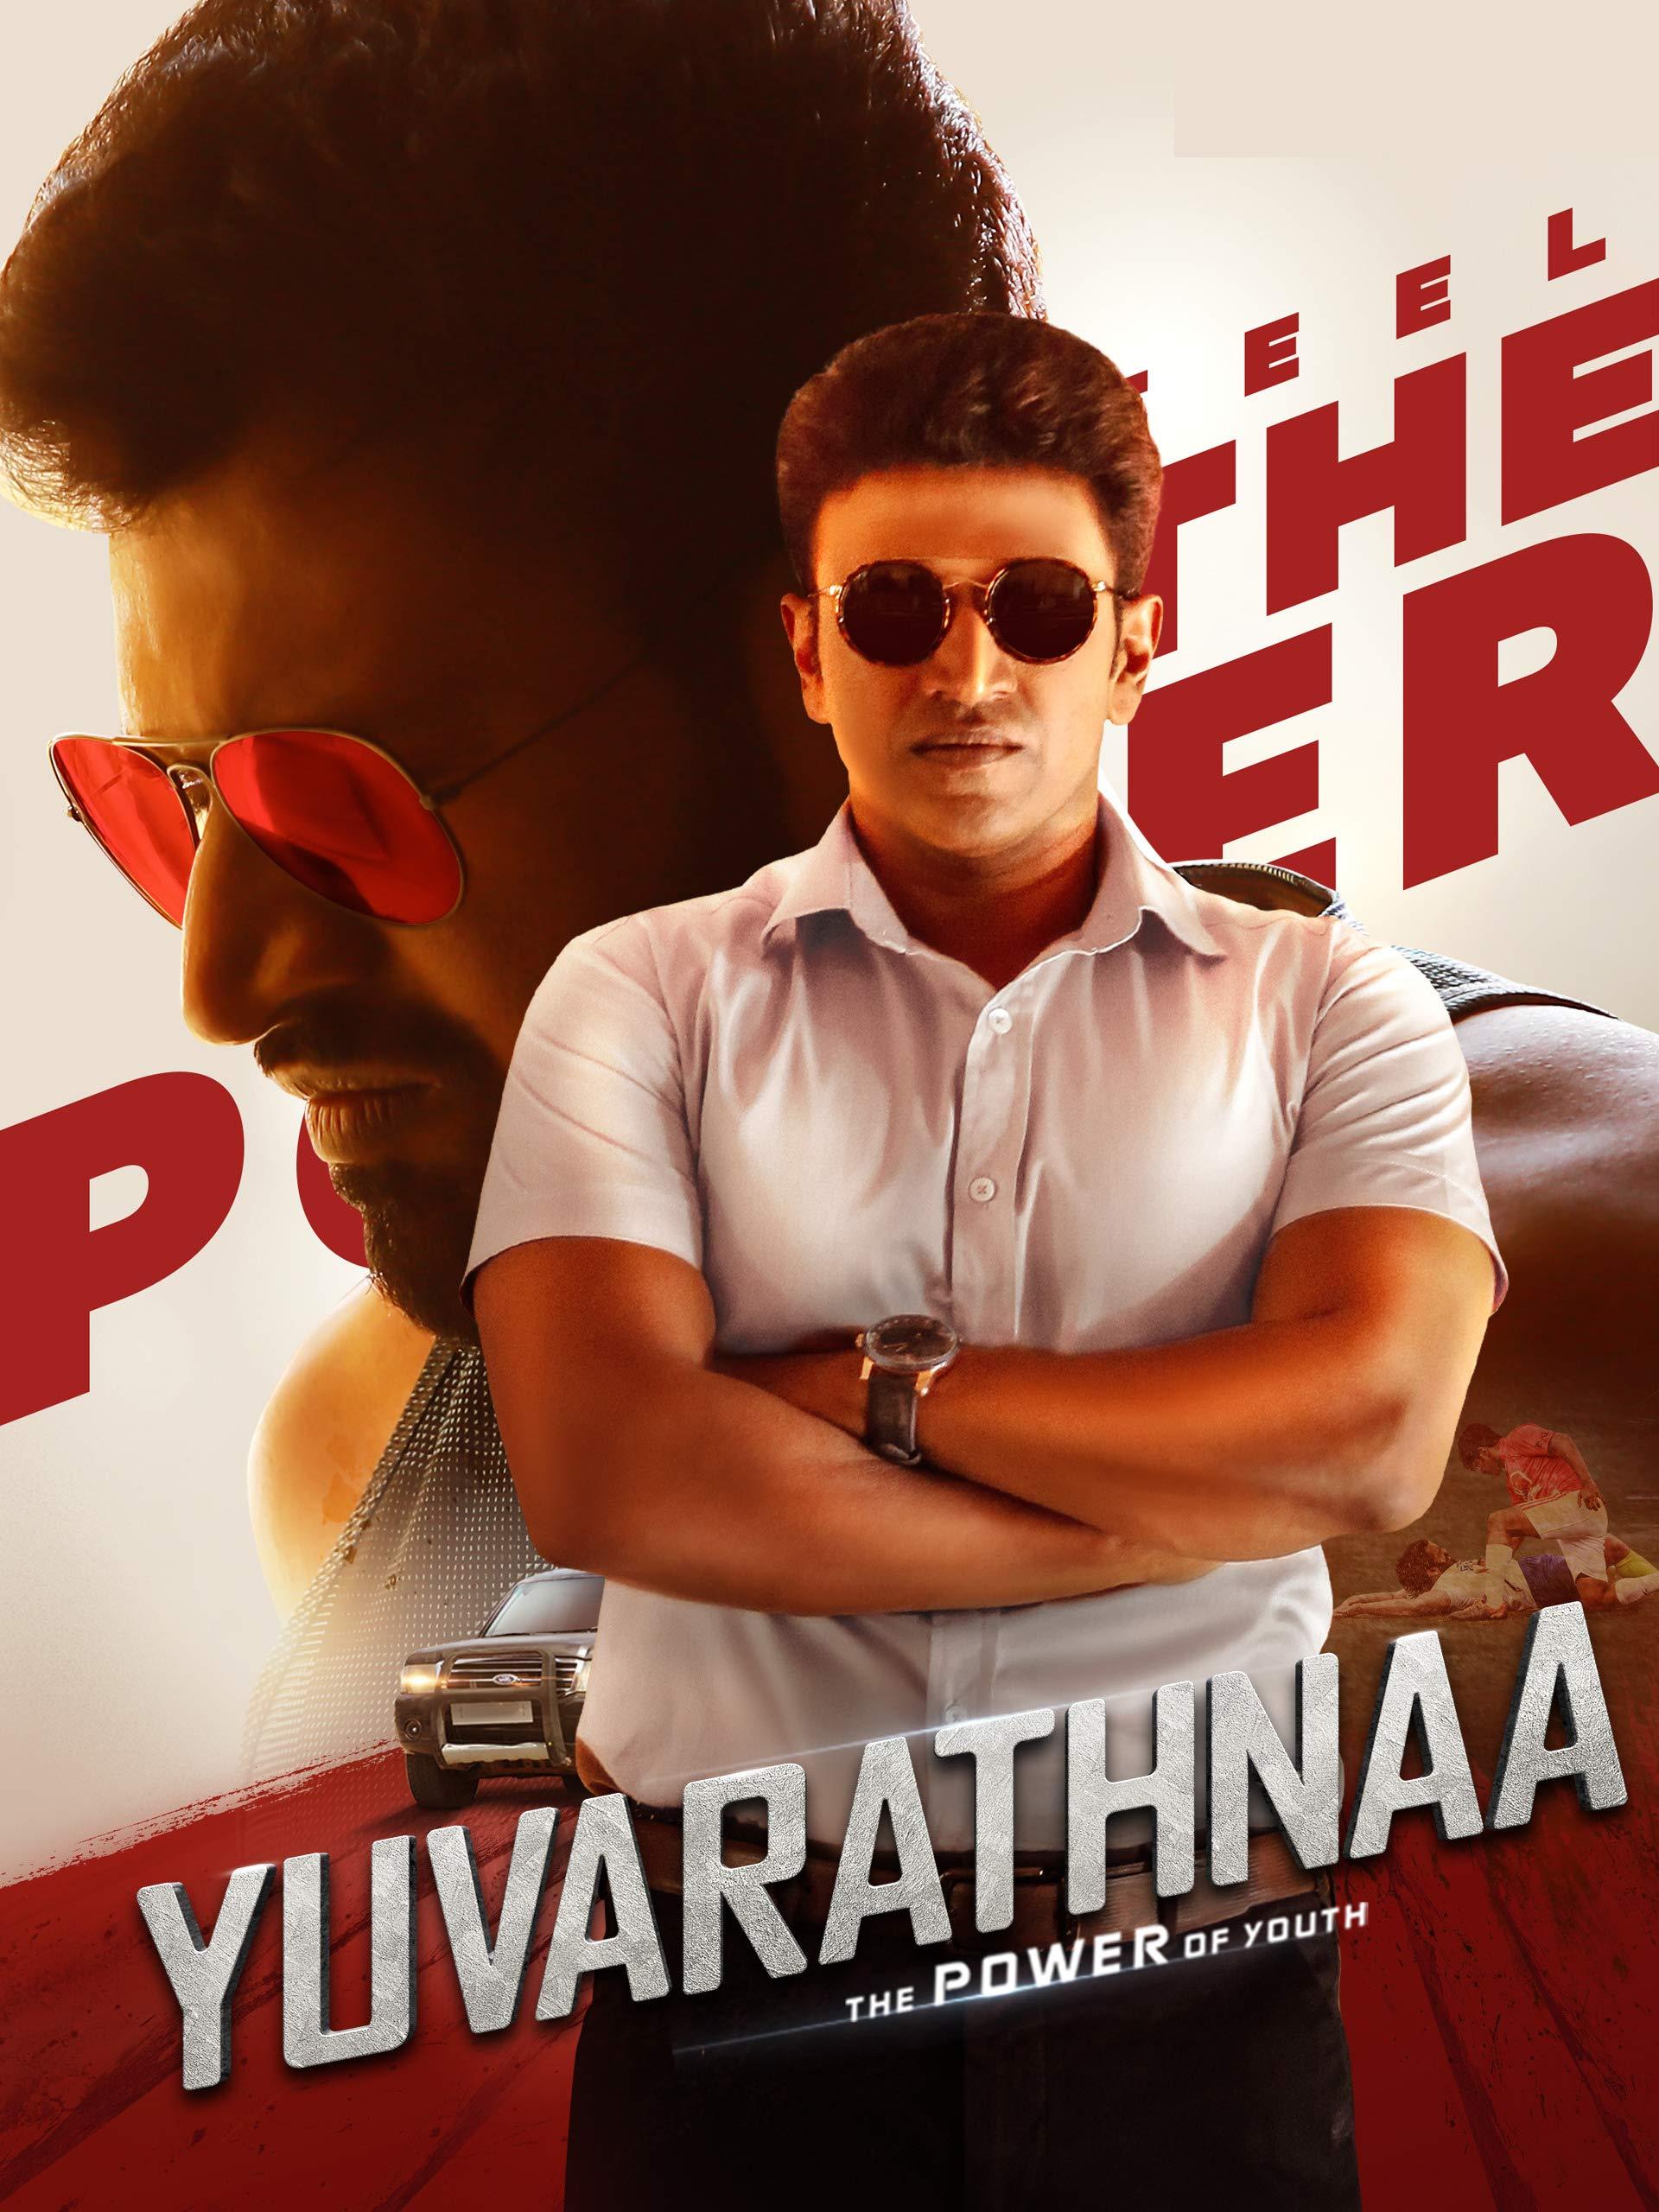 Yuvarathnaa (Tamil)